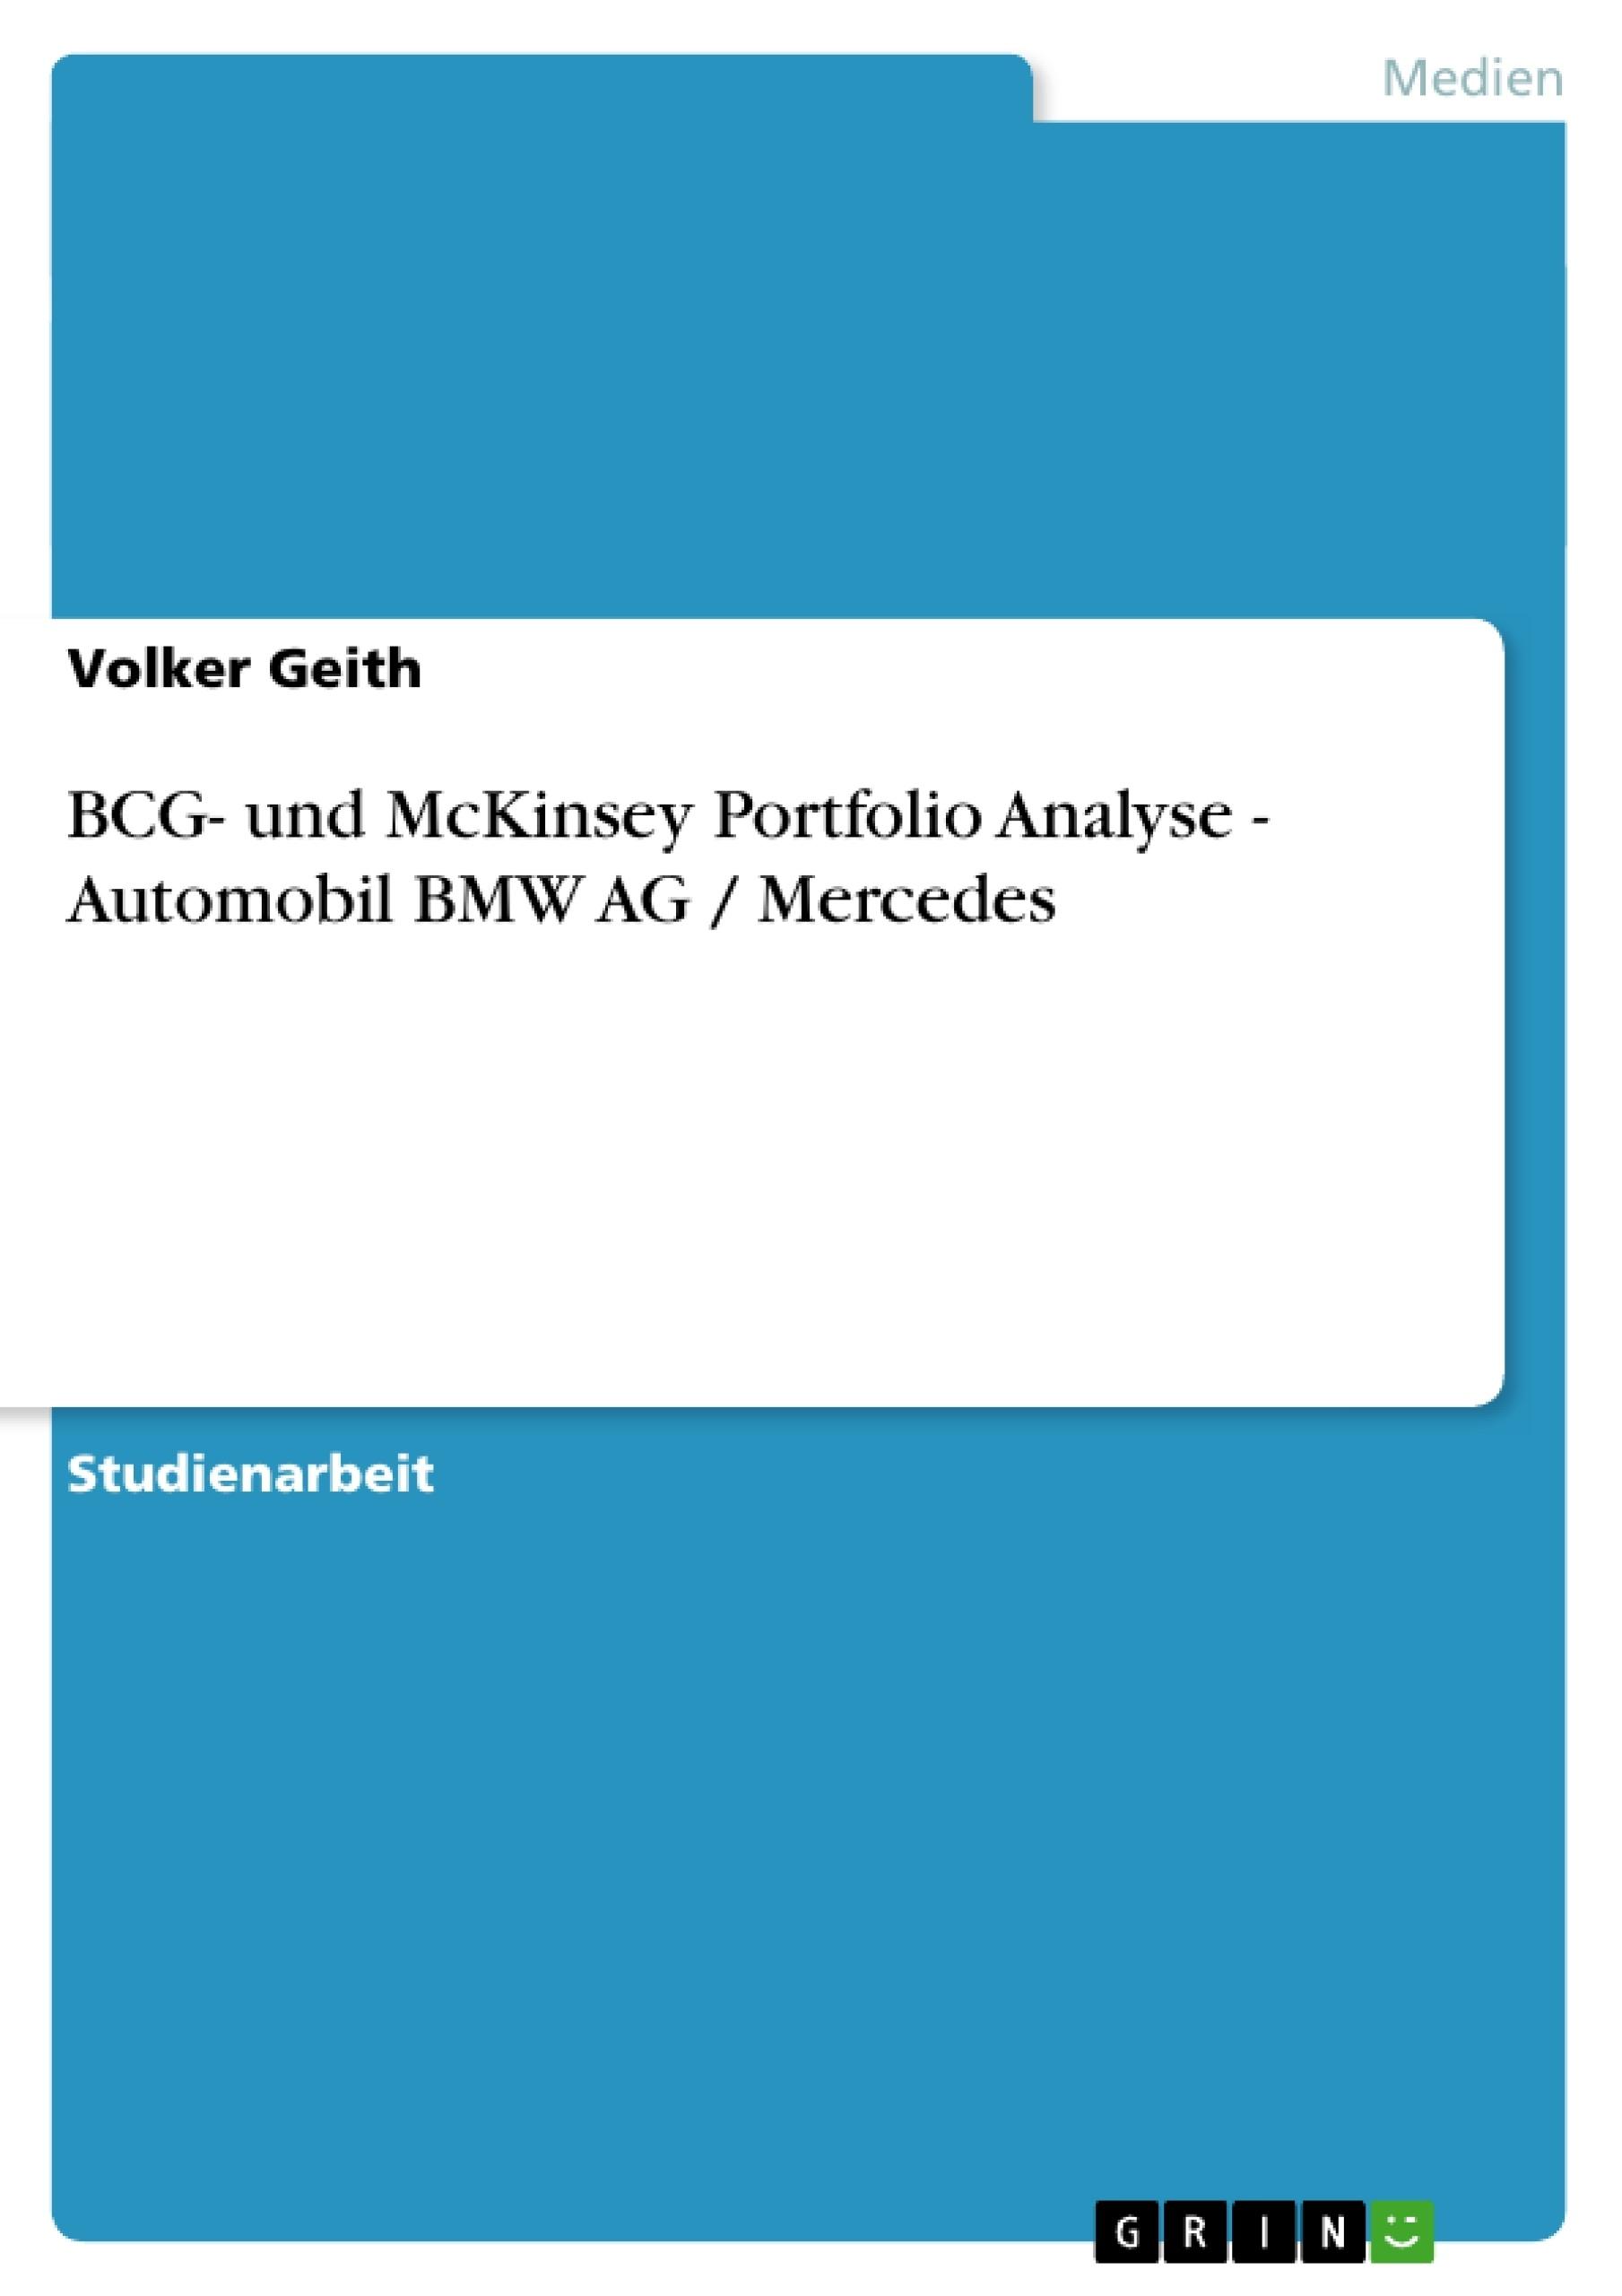 Titel: BCG- und McKinsey Portfolio Analyse - Automobil BMW AG / Mercedes